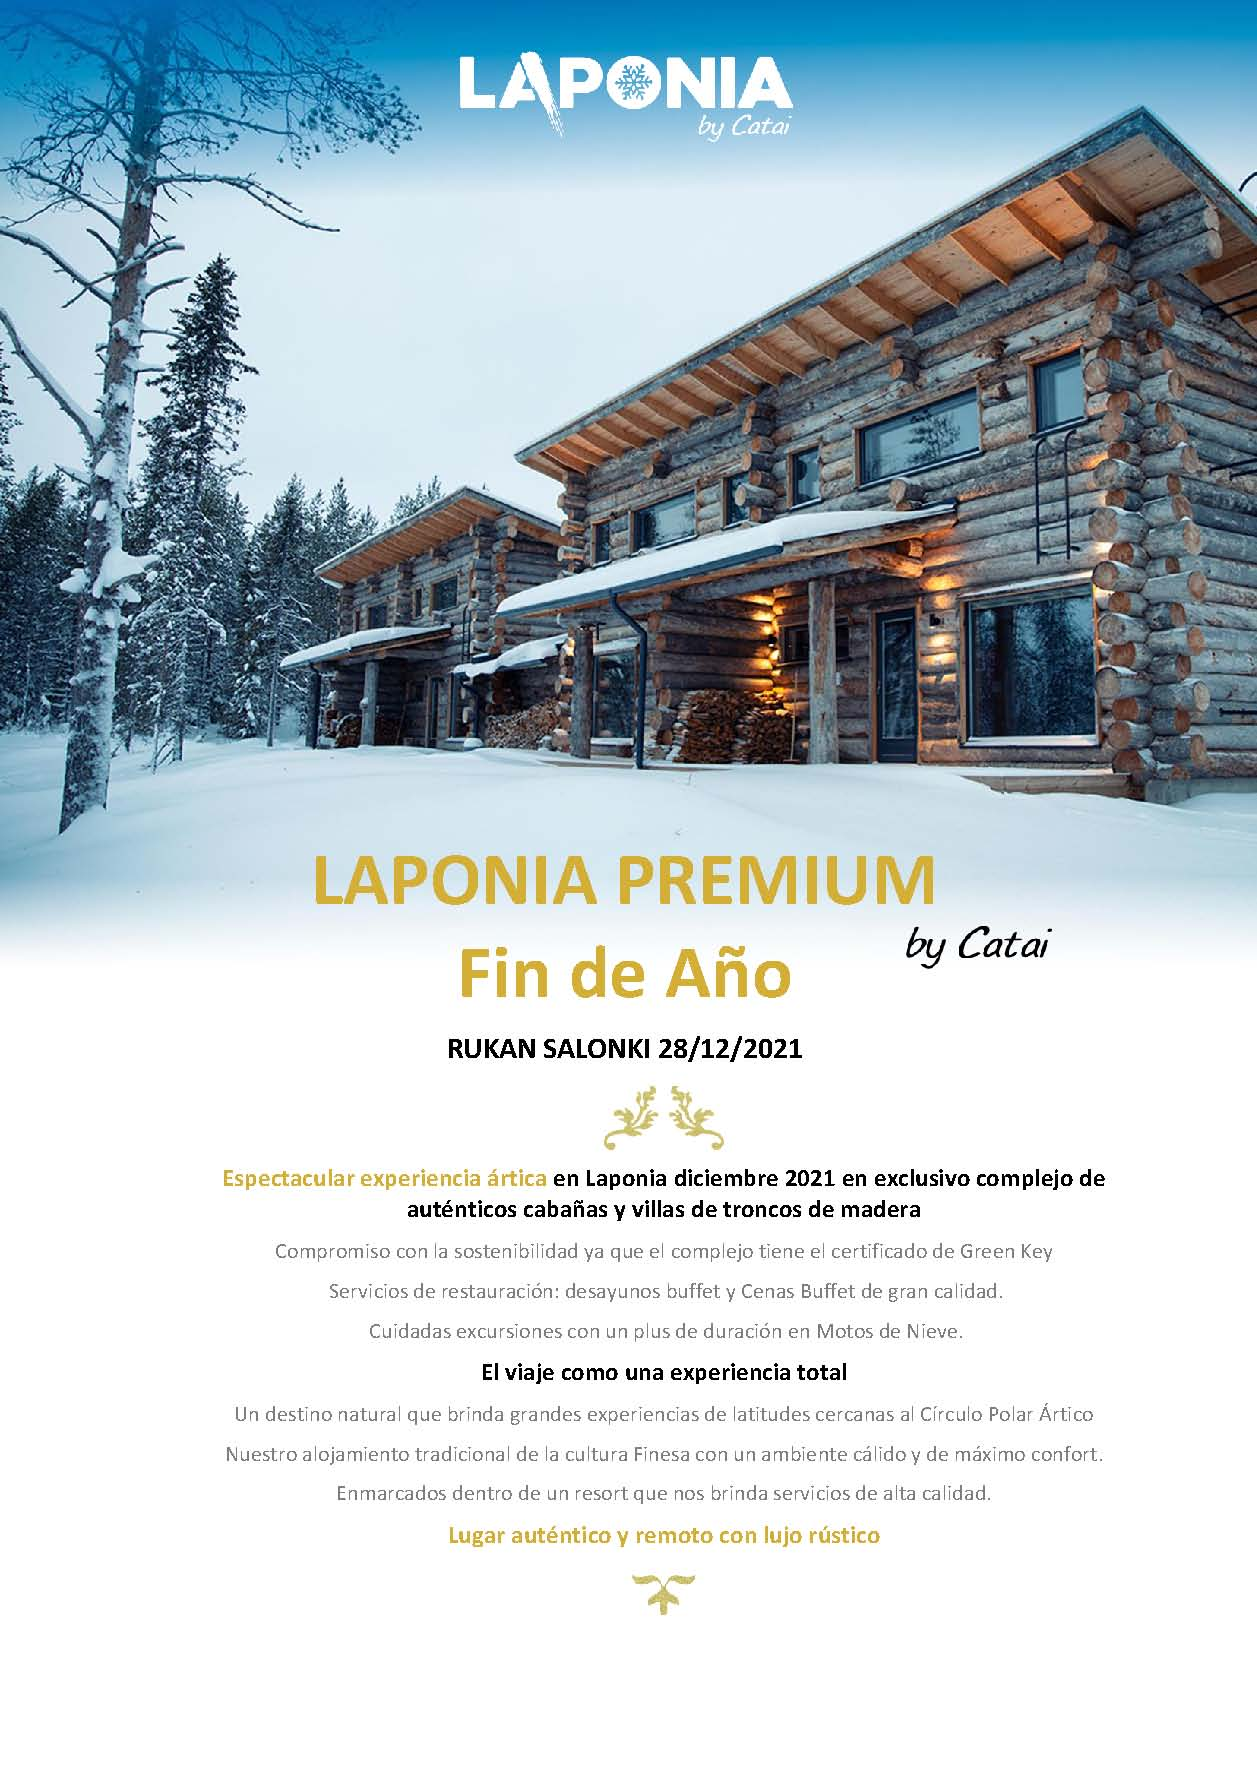 Oferta Catai Fin de Año 2021 en Laponia Premium